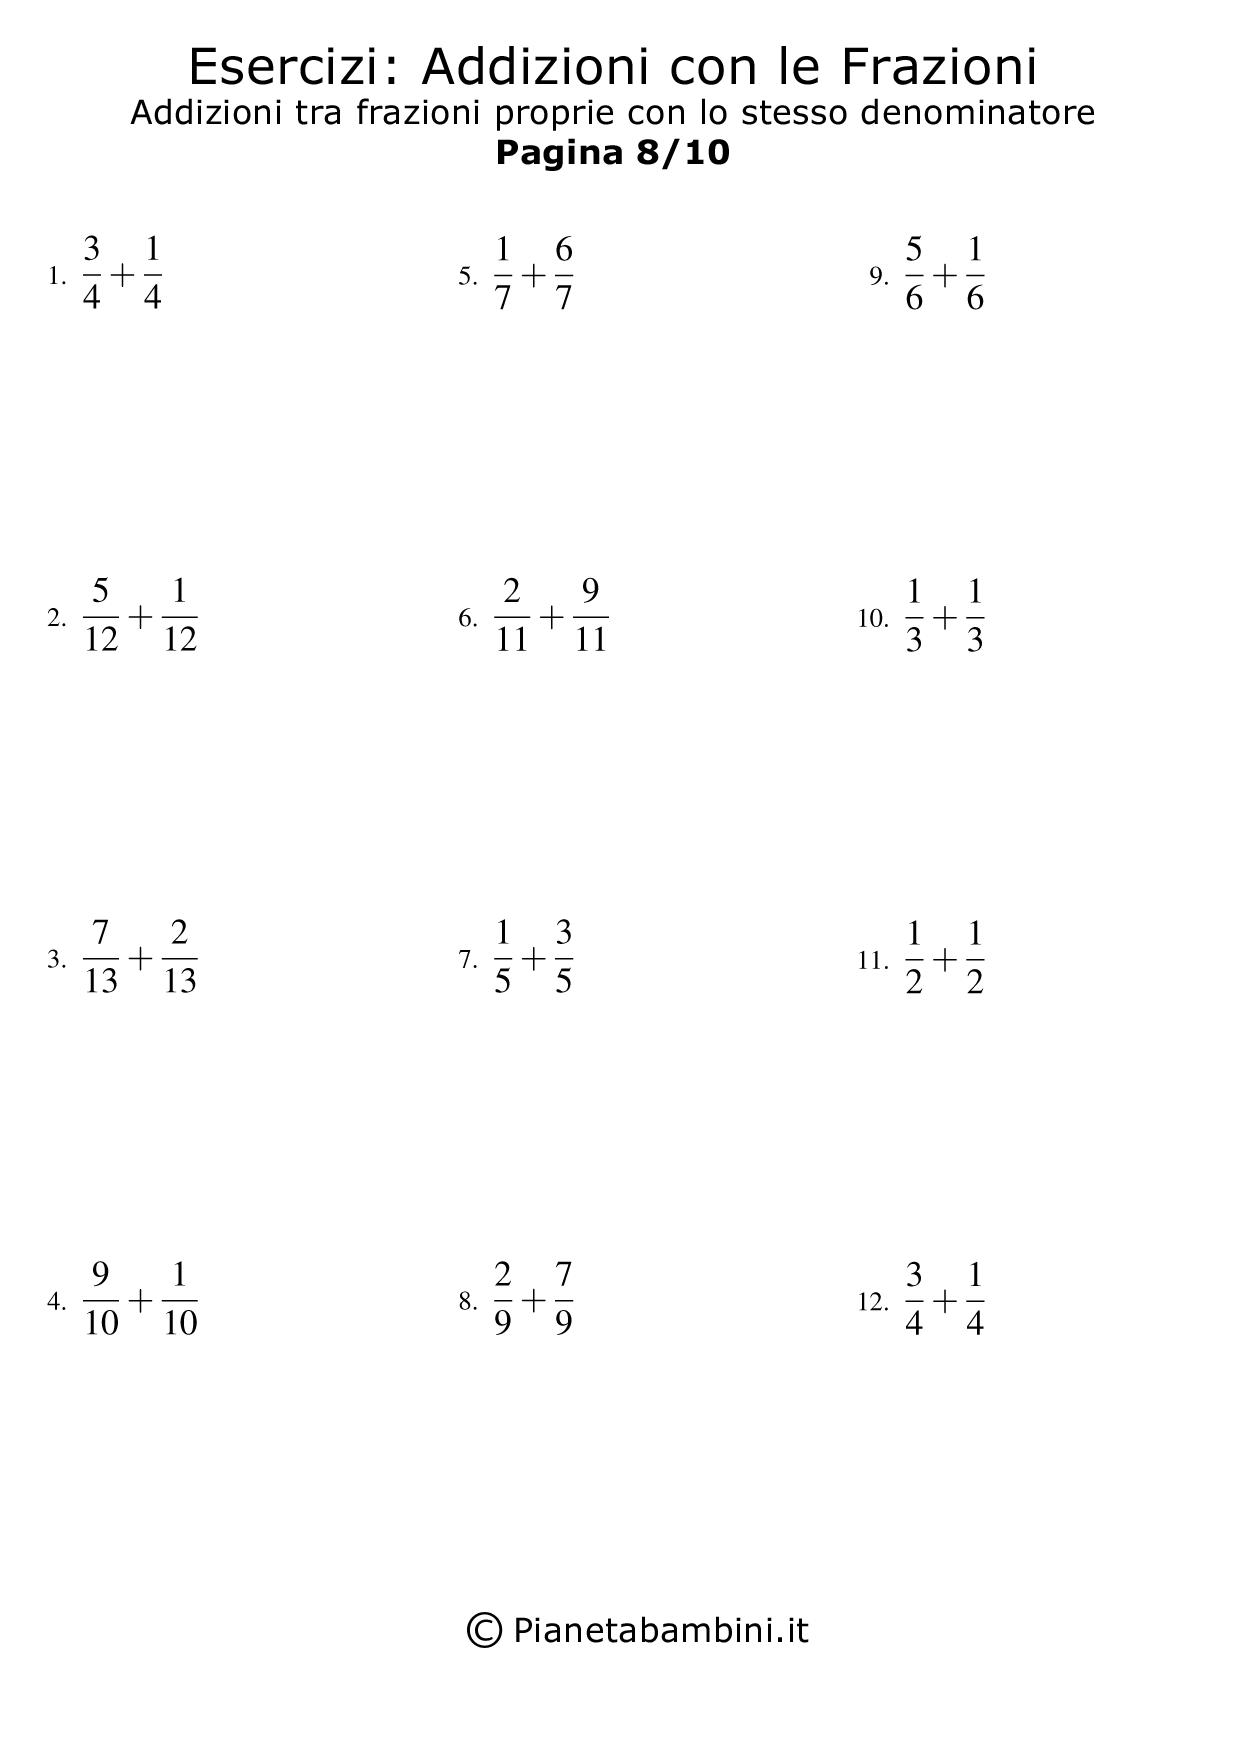 Addizioni-Frazioni-Stesso-Denominatore_08